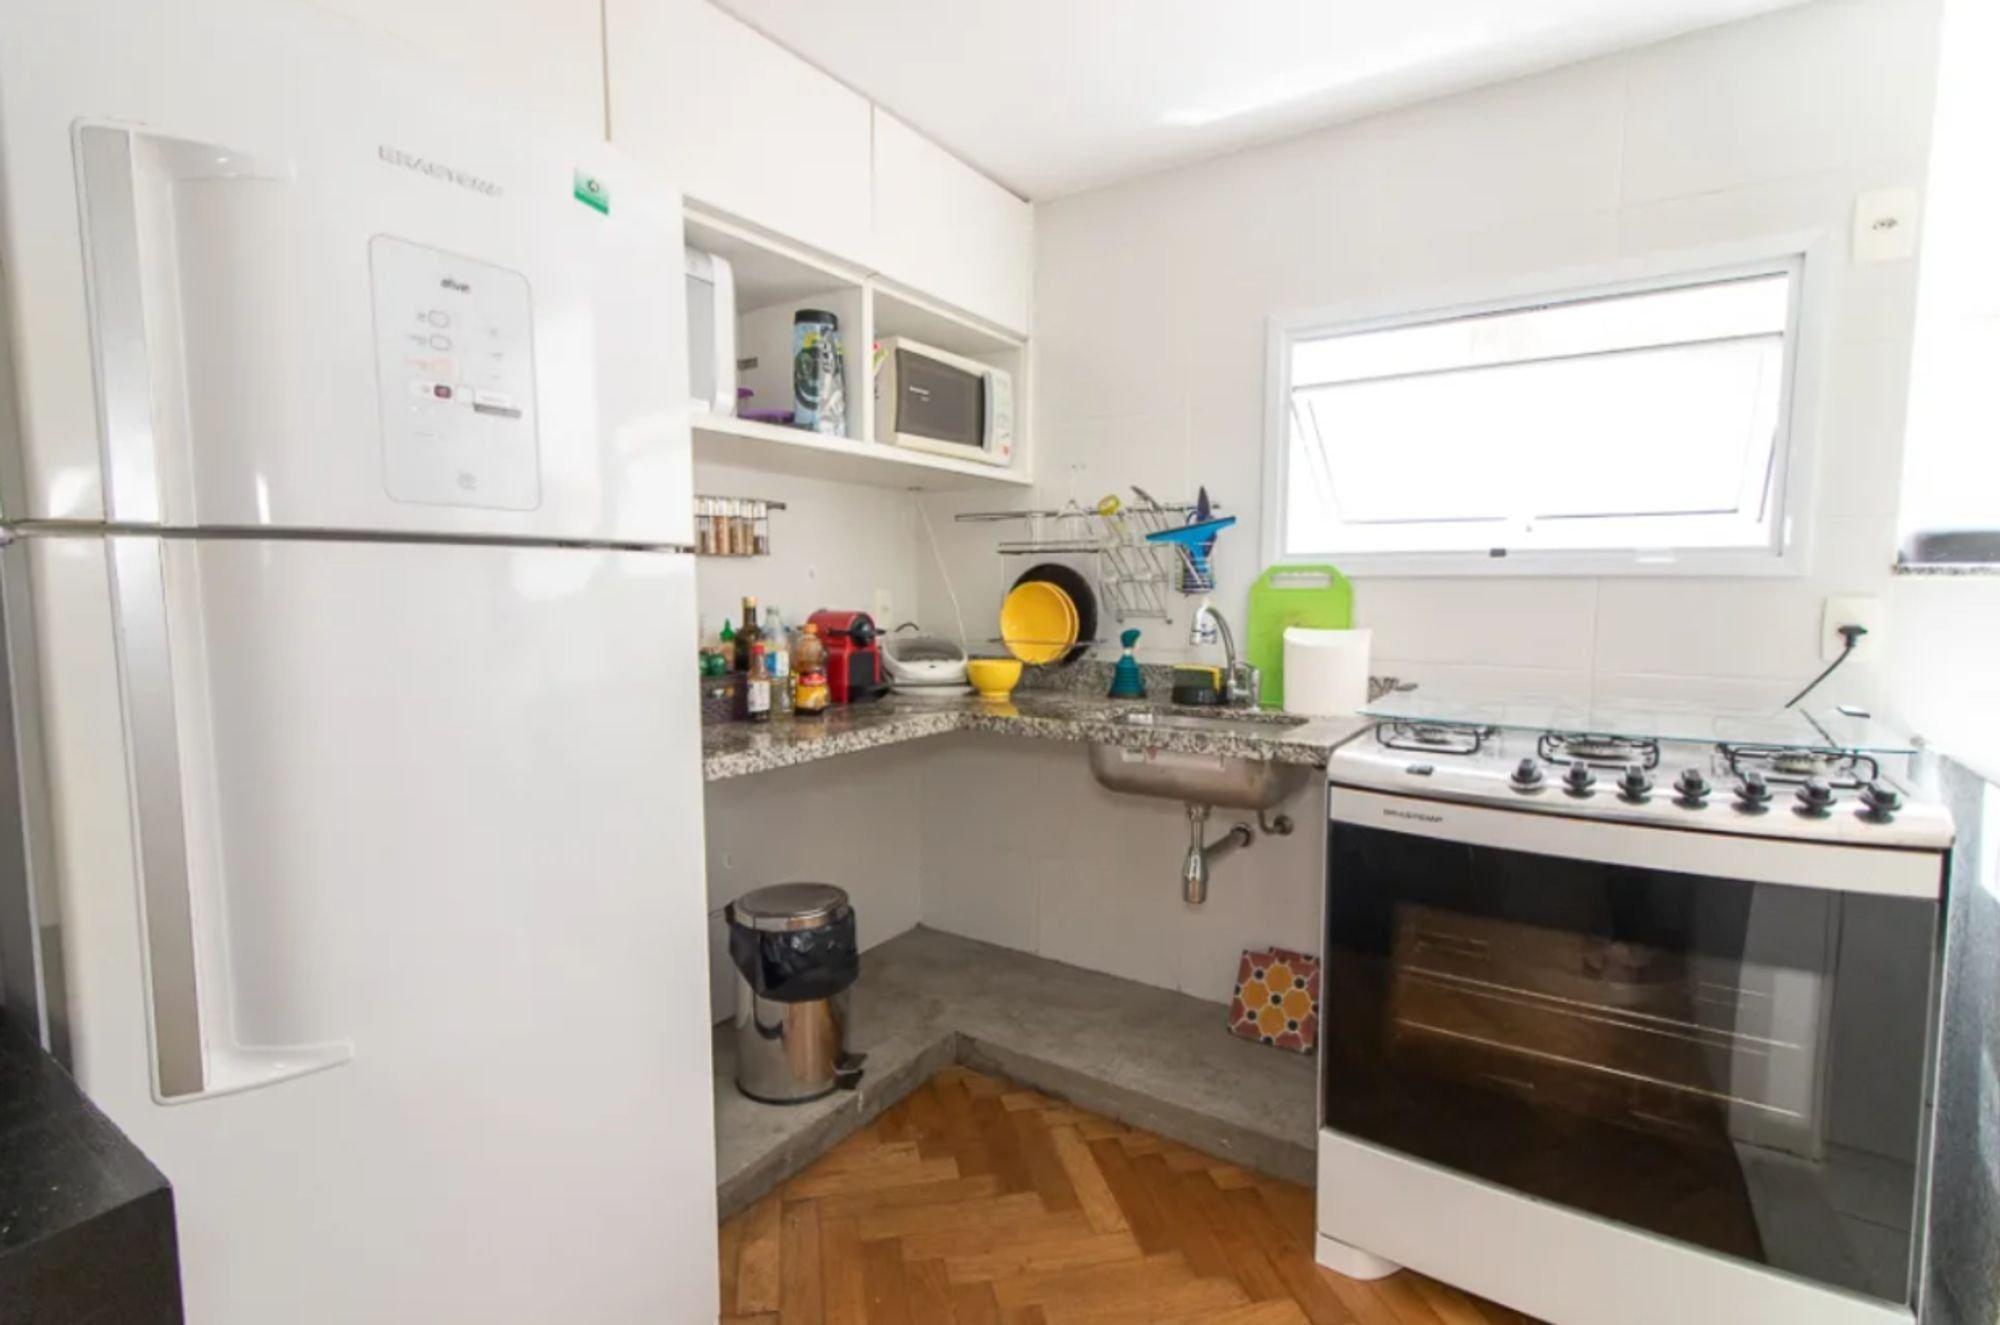 Foto de Cozinha com garrafa, forno, tigela, geladeira